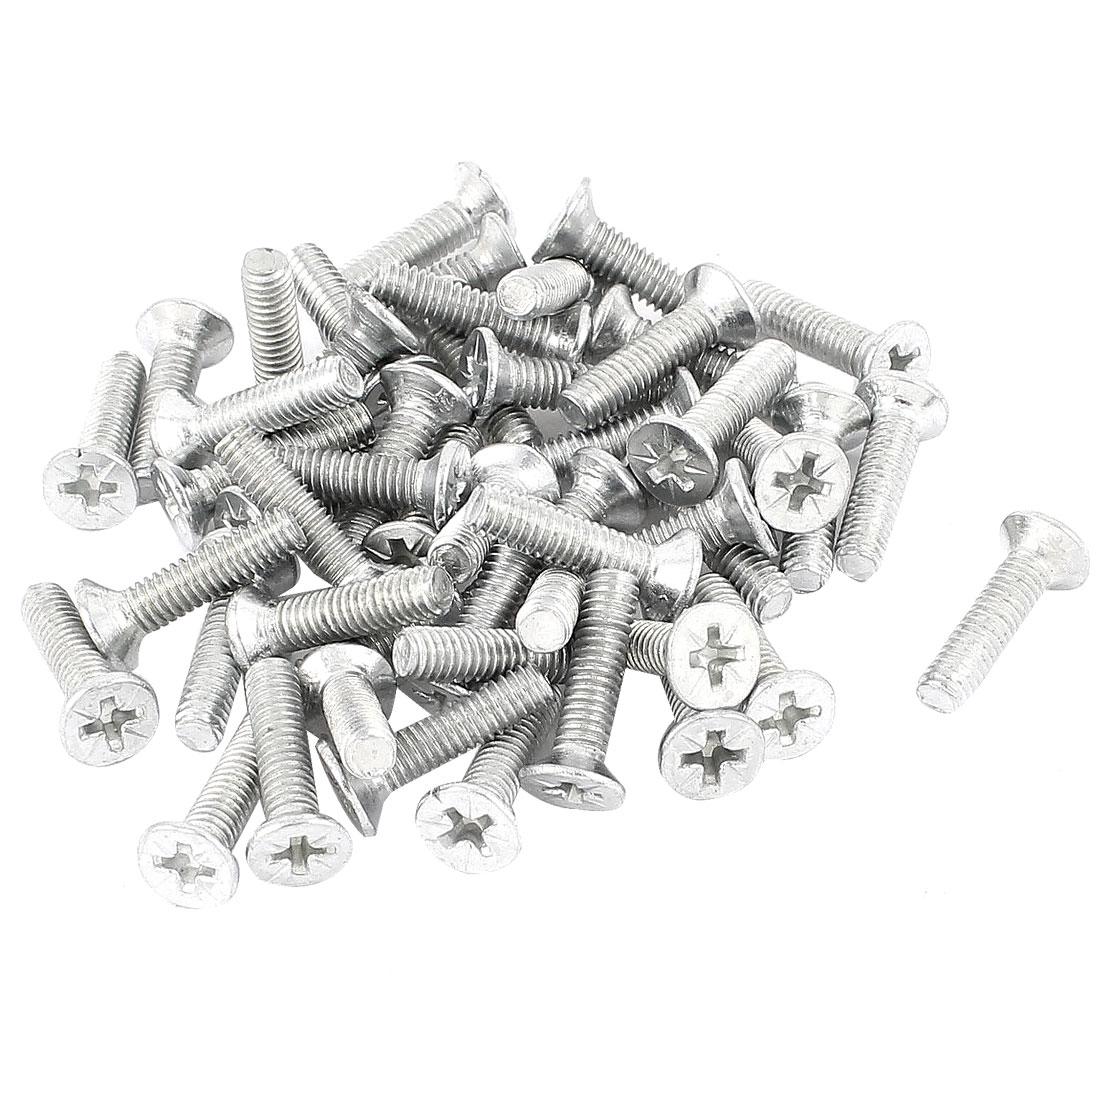 100 Pcs 3.7mm Width Pozidriv Screw Fasteners Bolt M4 x 16mm